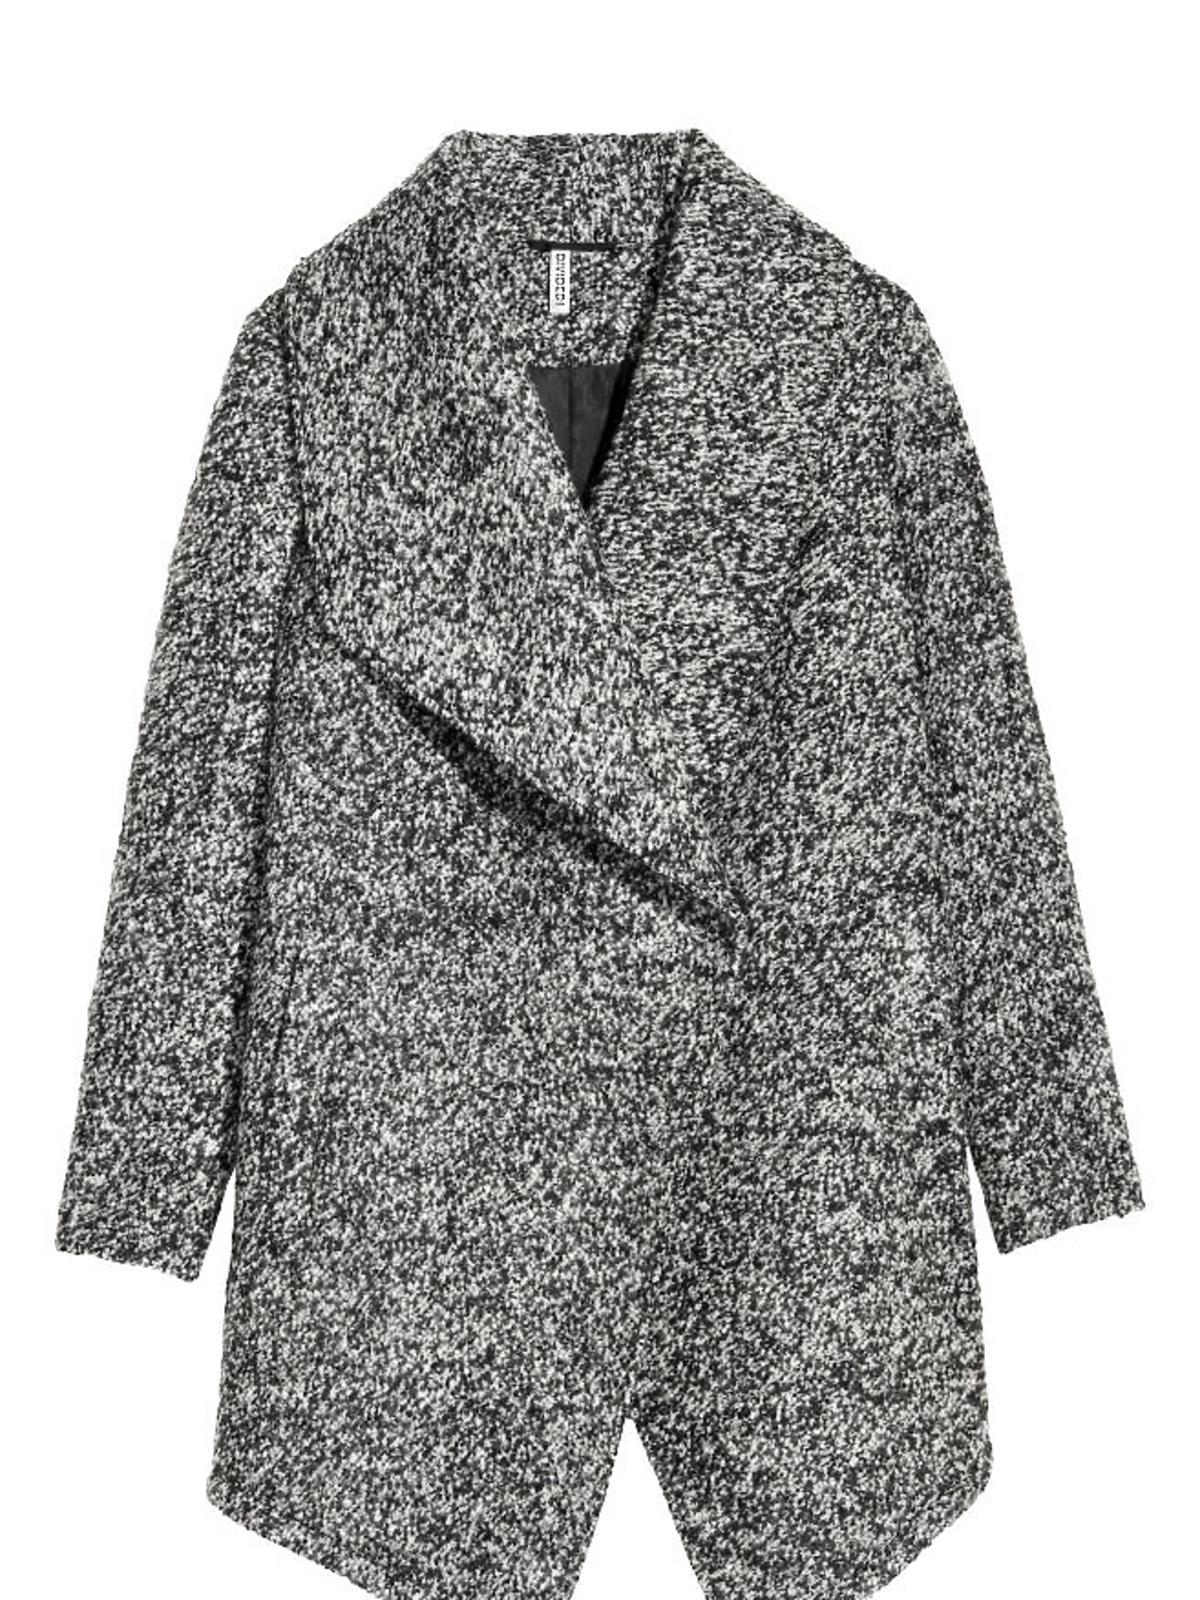 Płaszcz w kratkę H&M cena 229 zł